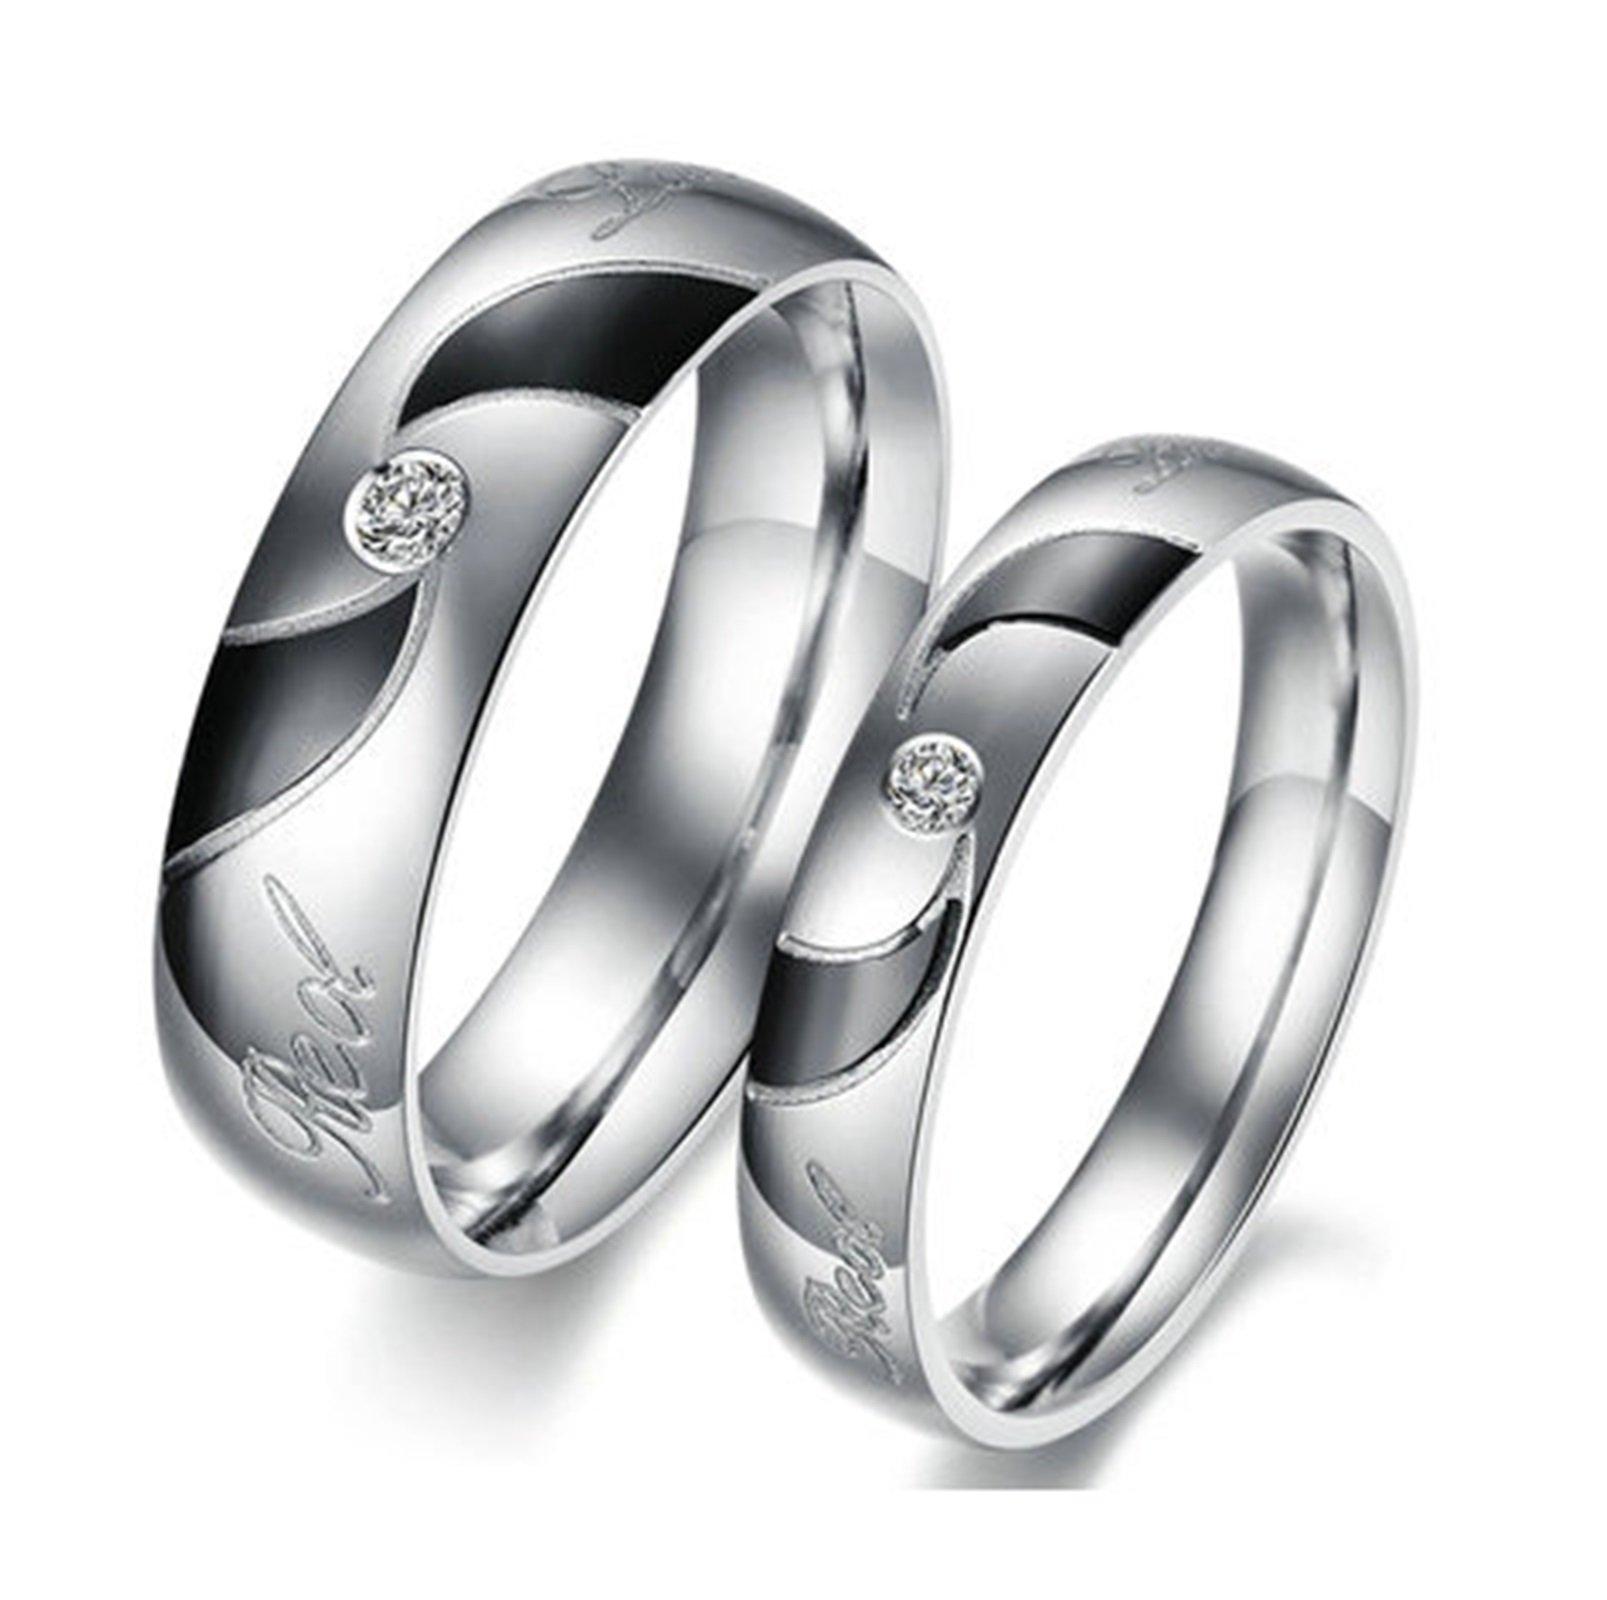 Beydodo 1PCS Stainless Steel Ring 10 Cubic Zirconia Engraving Real Love Width Wedding Rings Mens by Beydodo